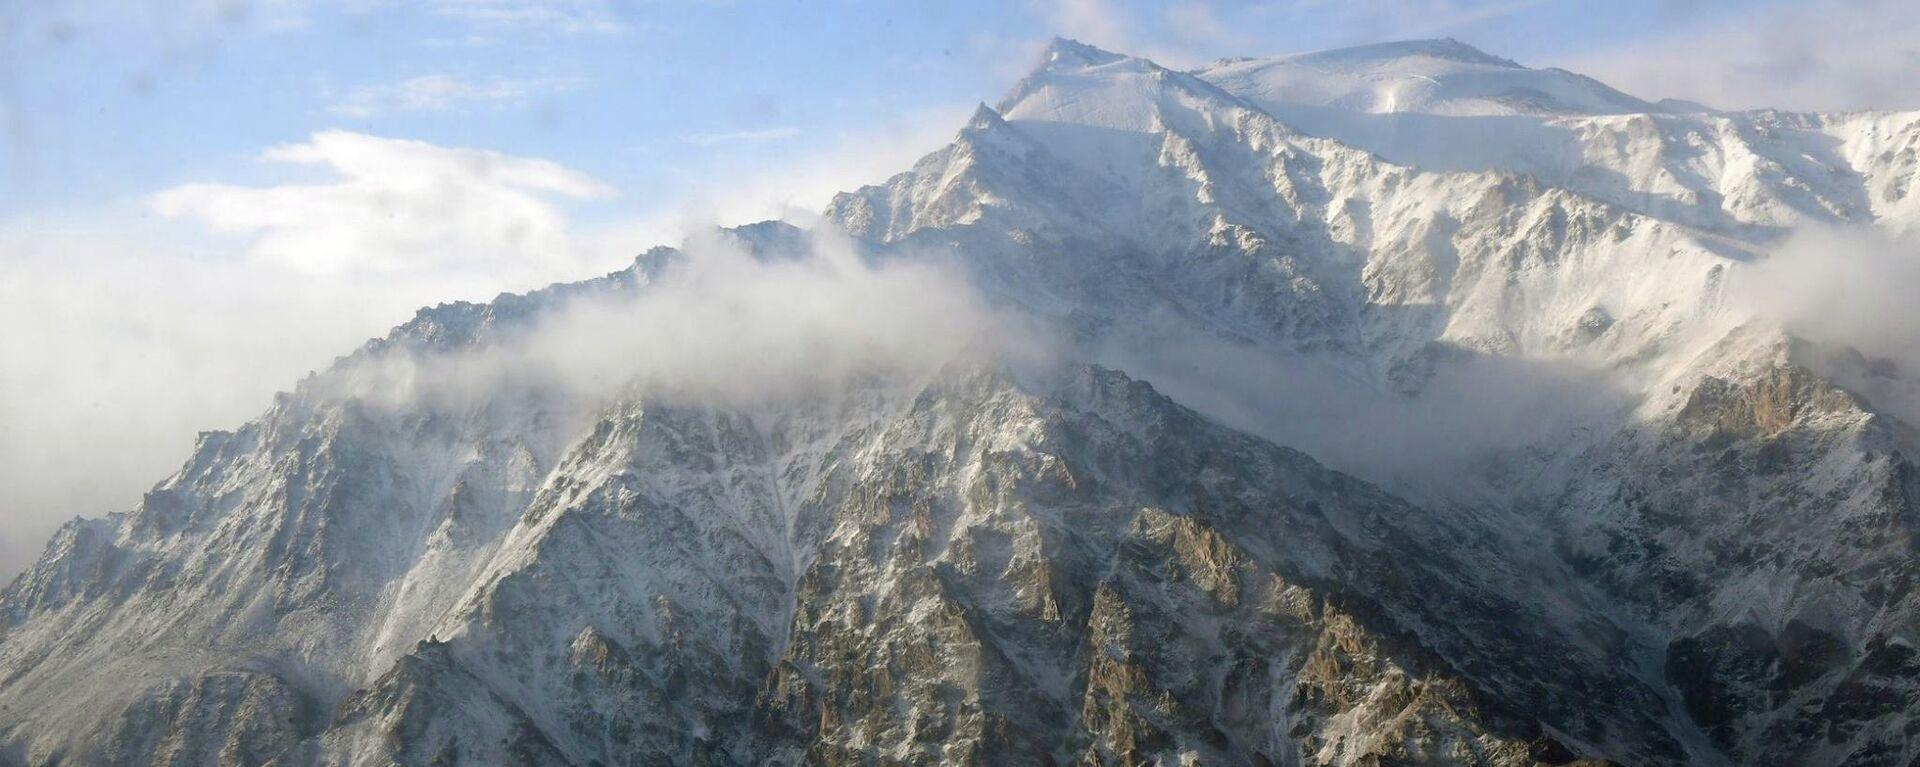 Горы Памира - Sputnik Таджикистан, 1920, 10.02.2020